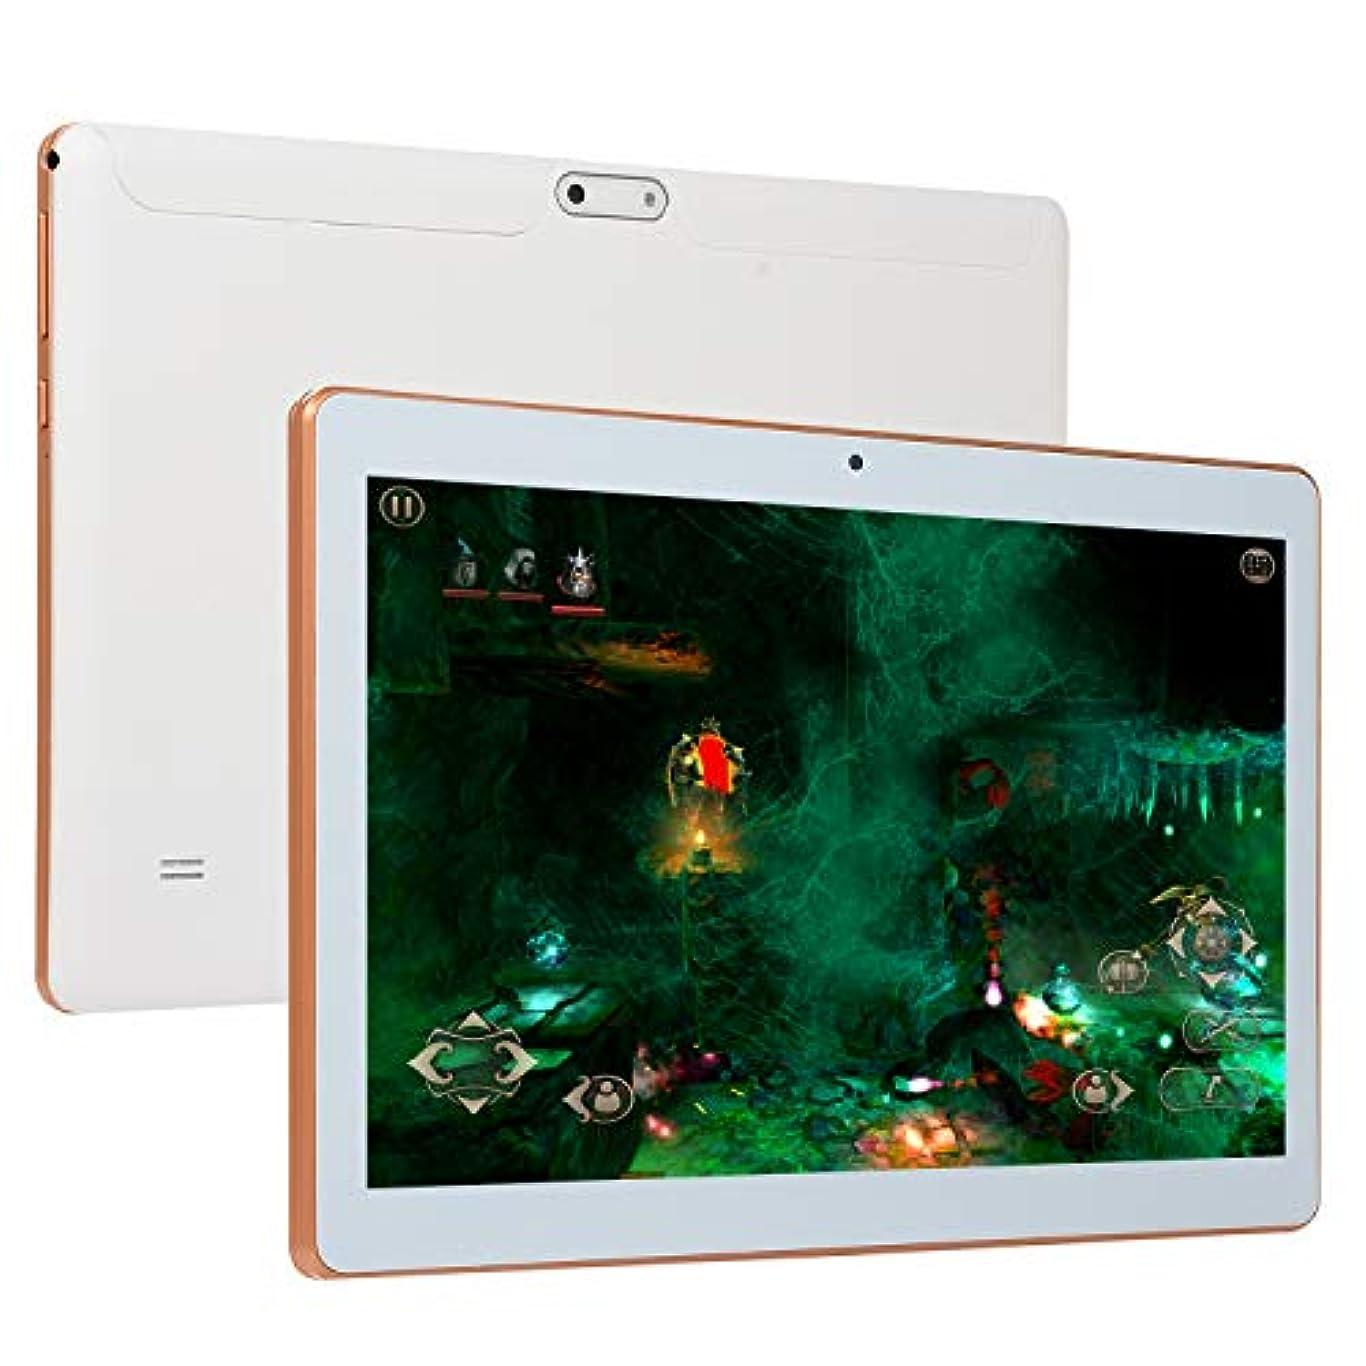 機動療法球状ACHICOO タブレットPC 10.1インチ HDゲームタブレット 10中心アンドロイド8.0 GPS 3G Wifi 二重カメラ コンピュータPC 白 米国のプラグ